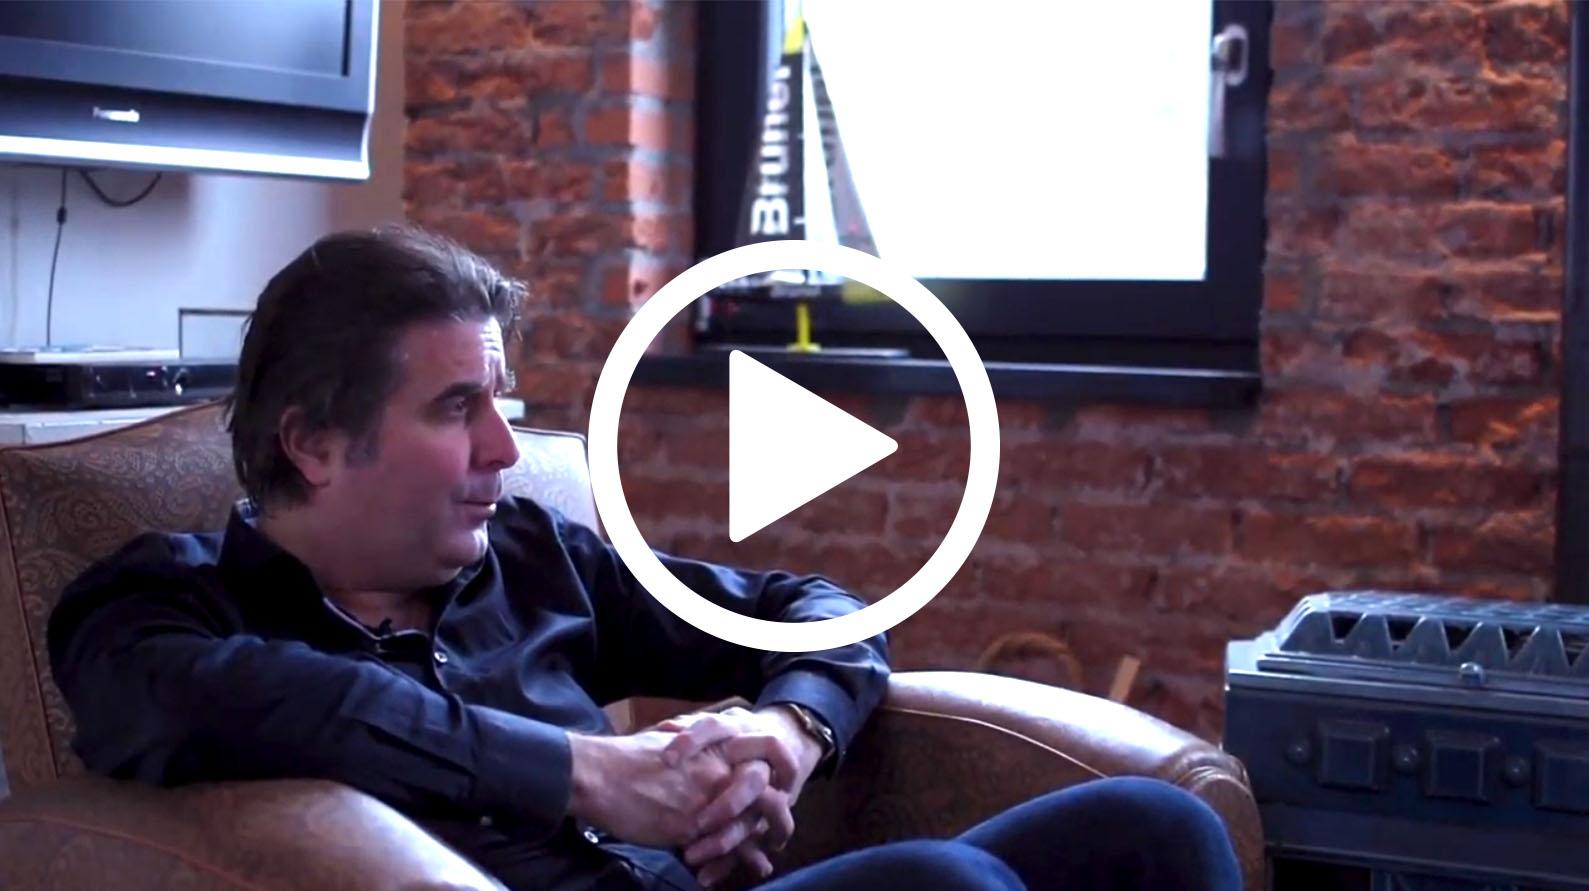 Gekozen systeem video